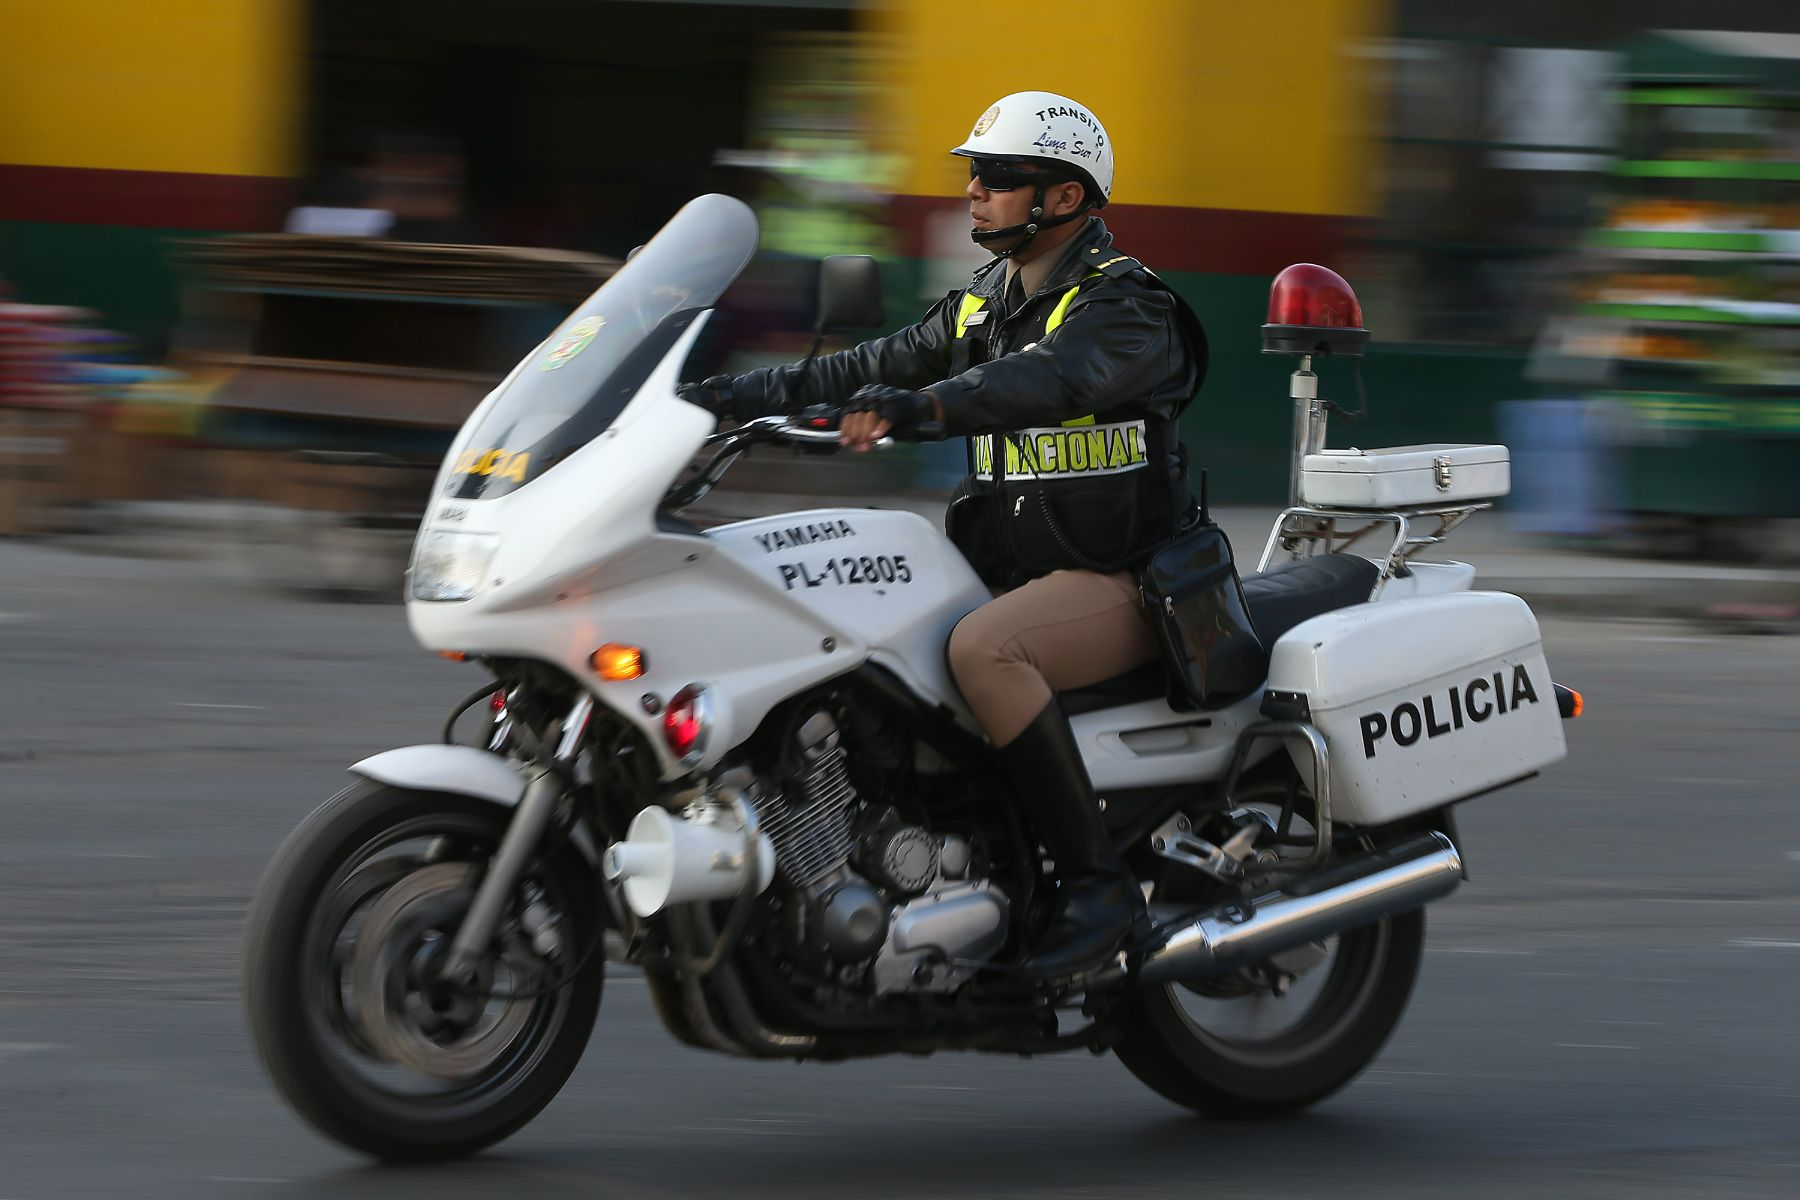 Me siento orgulloso de ser un buen polic a afirma jos for Portal de servicios internos policia